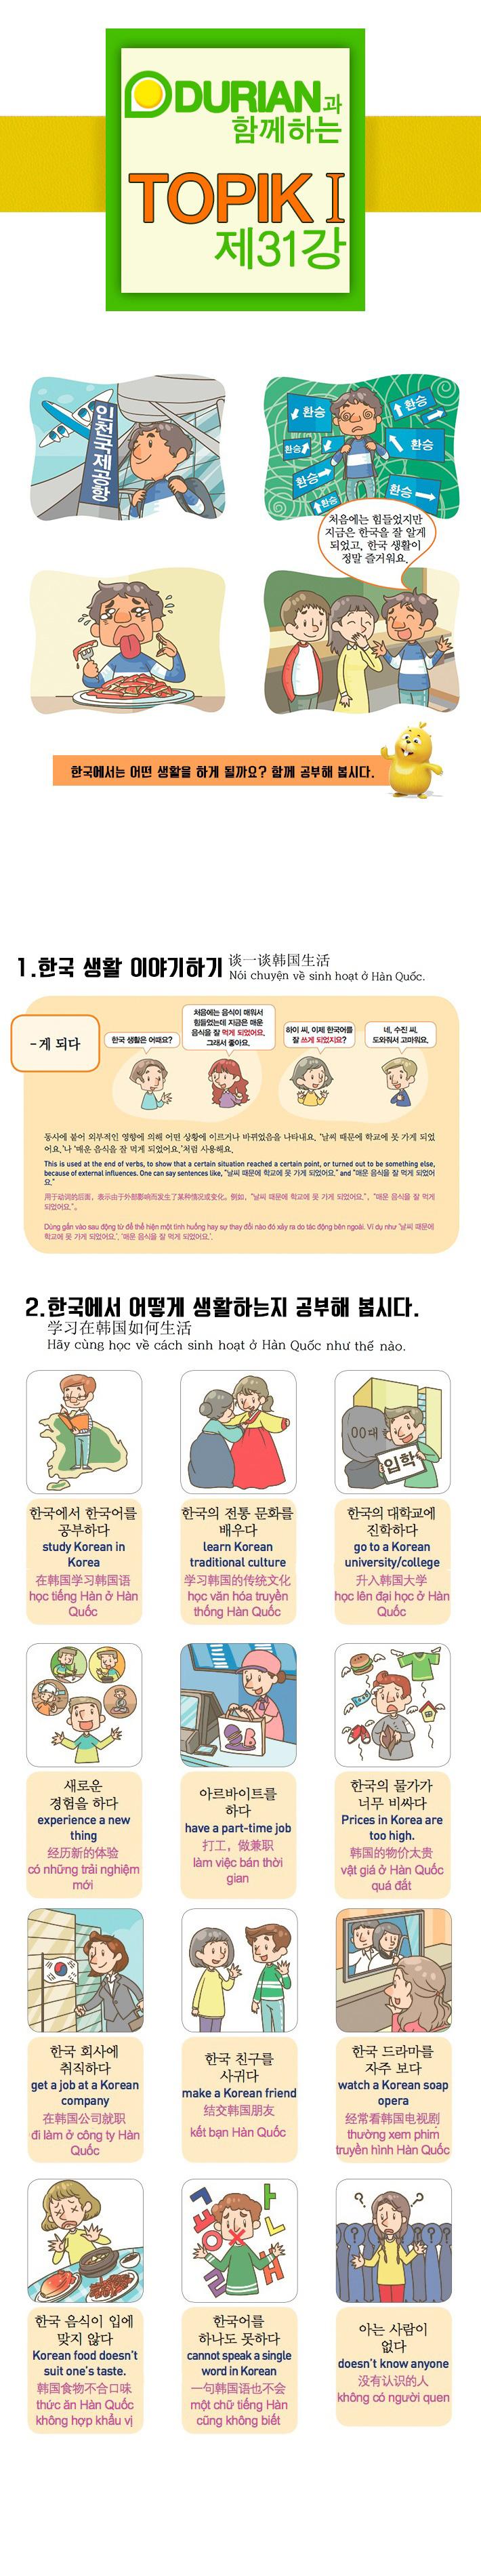 두리안과 함께하는 TOPIK 1 제 31강